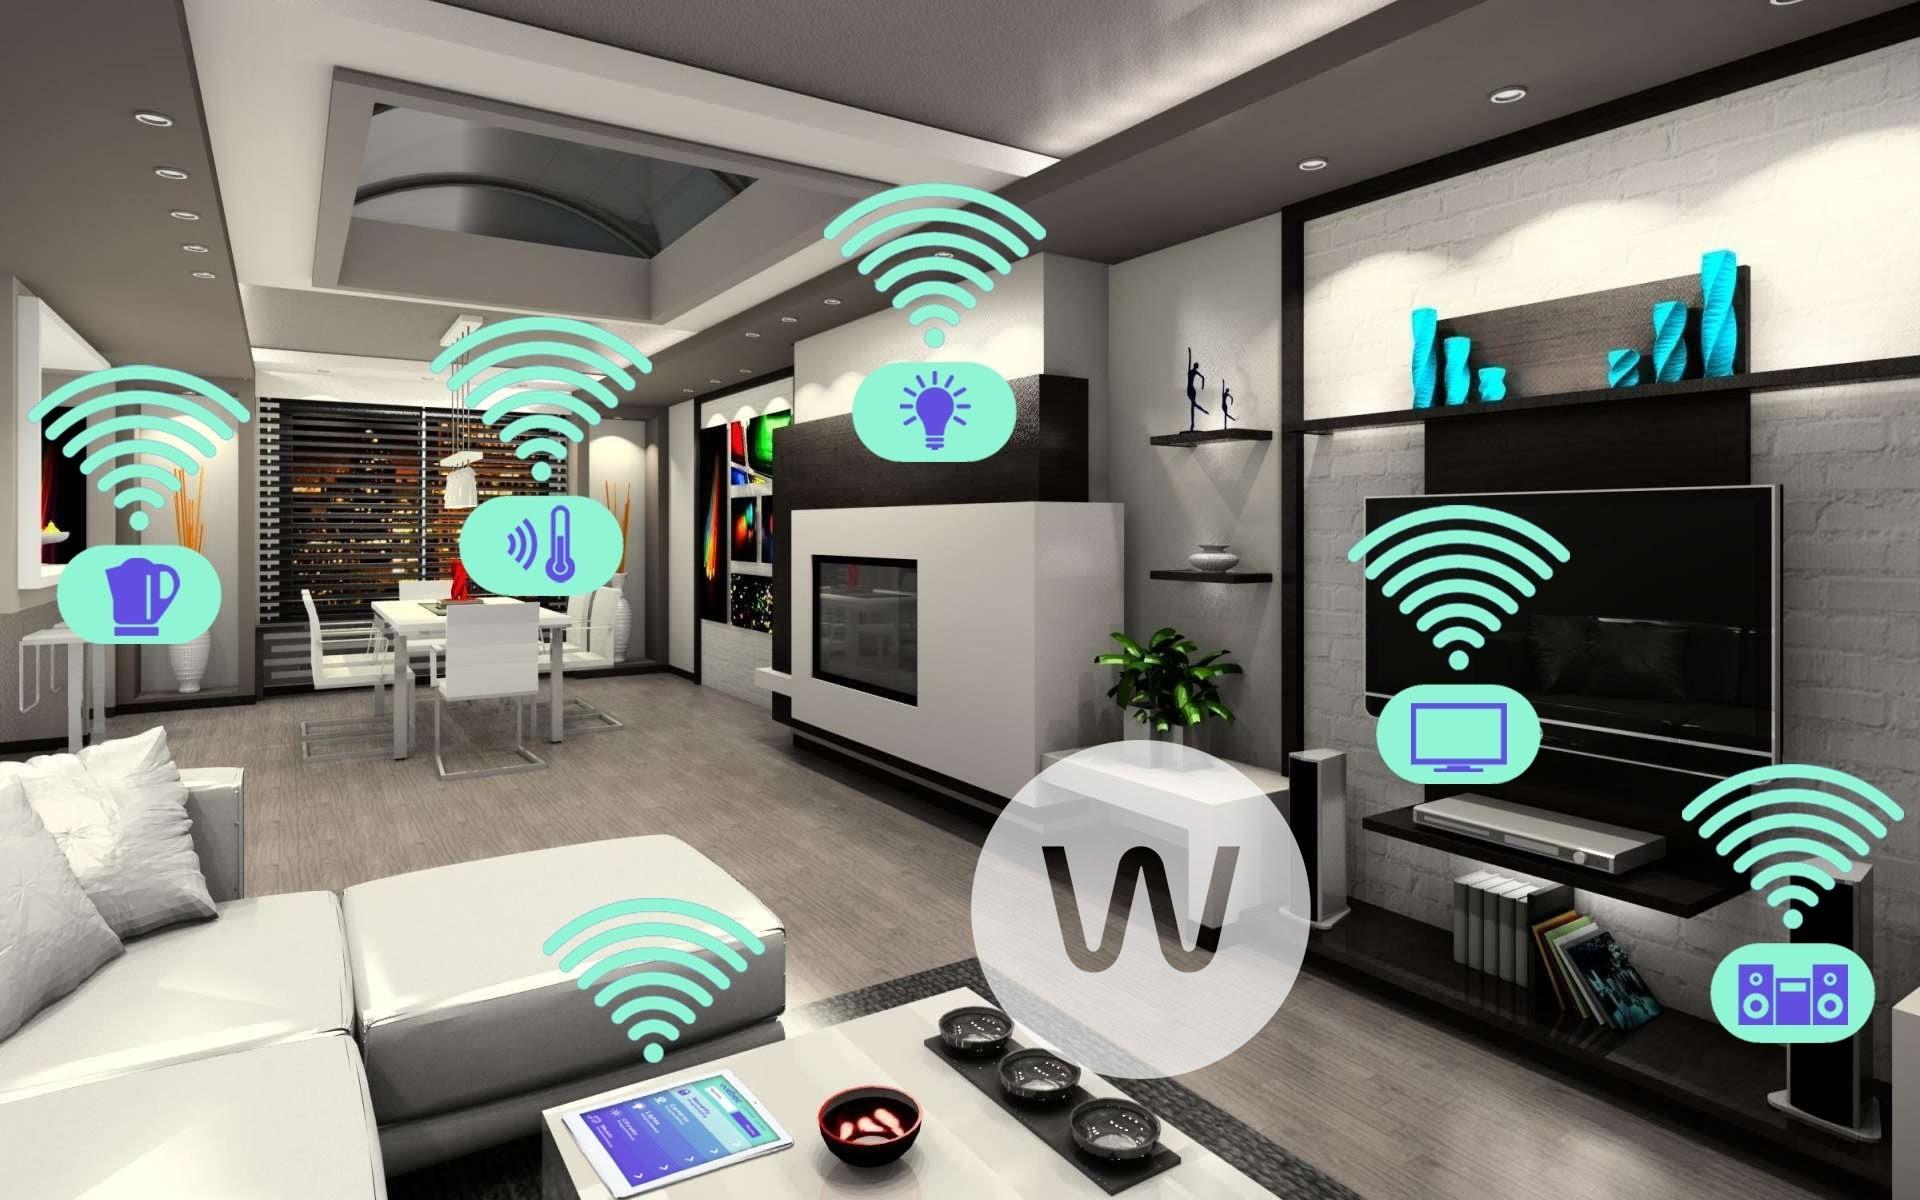 V open office a jednej miestnosti domu sa rýchle 60 GHz Wi-Fi budú presadzovať čoraz viac